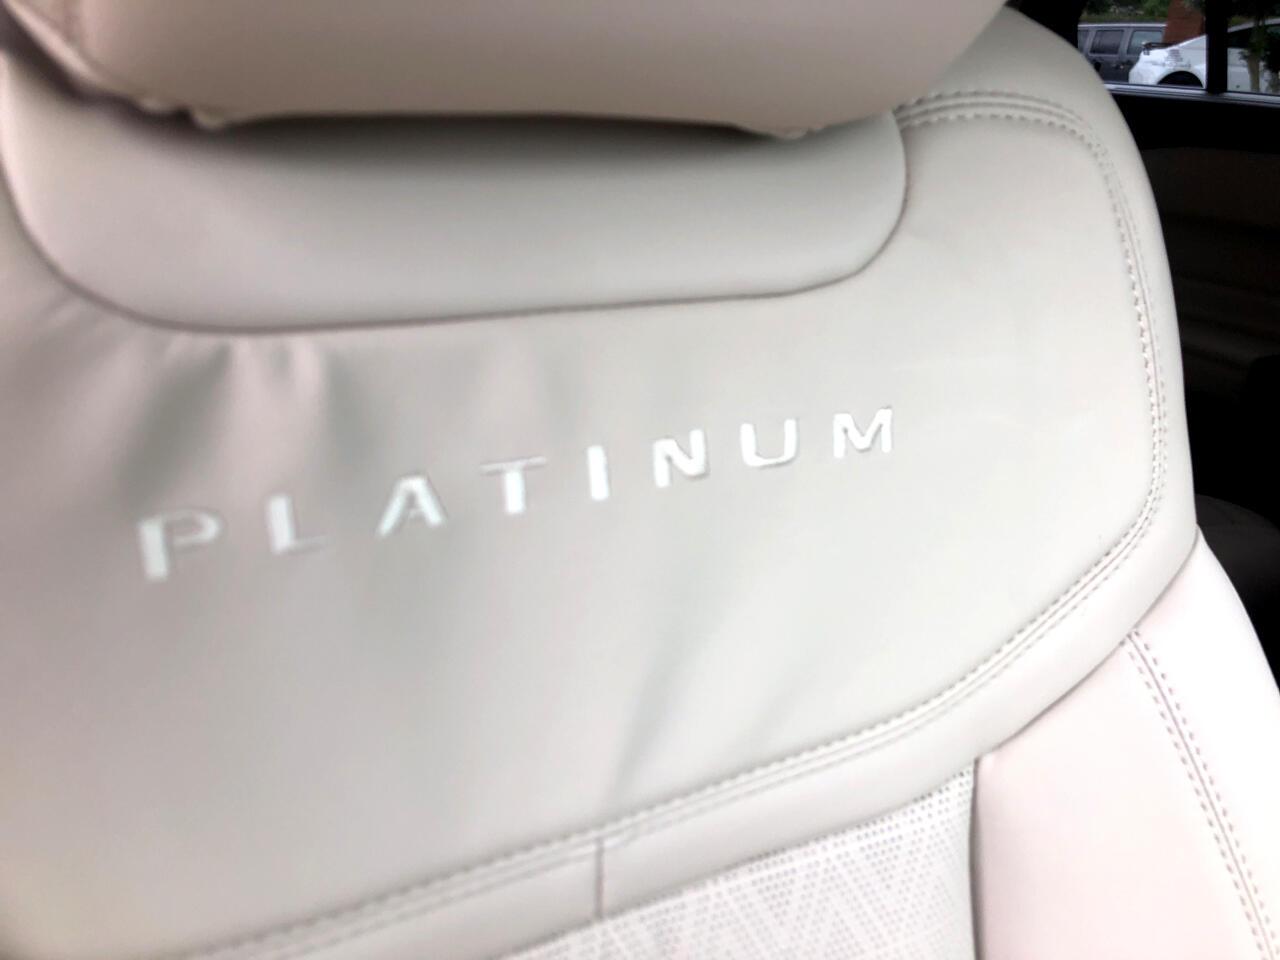 Ford Explorer Platinum 4WD 2020